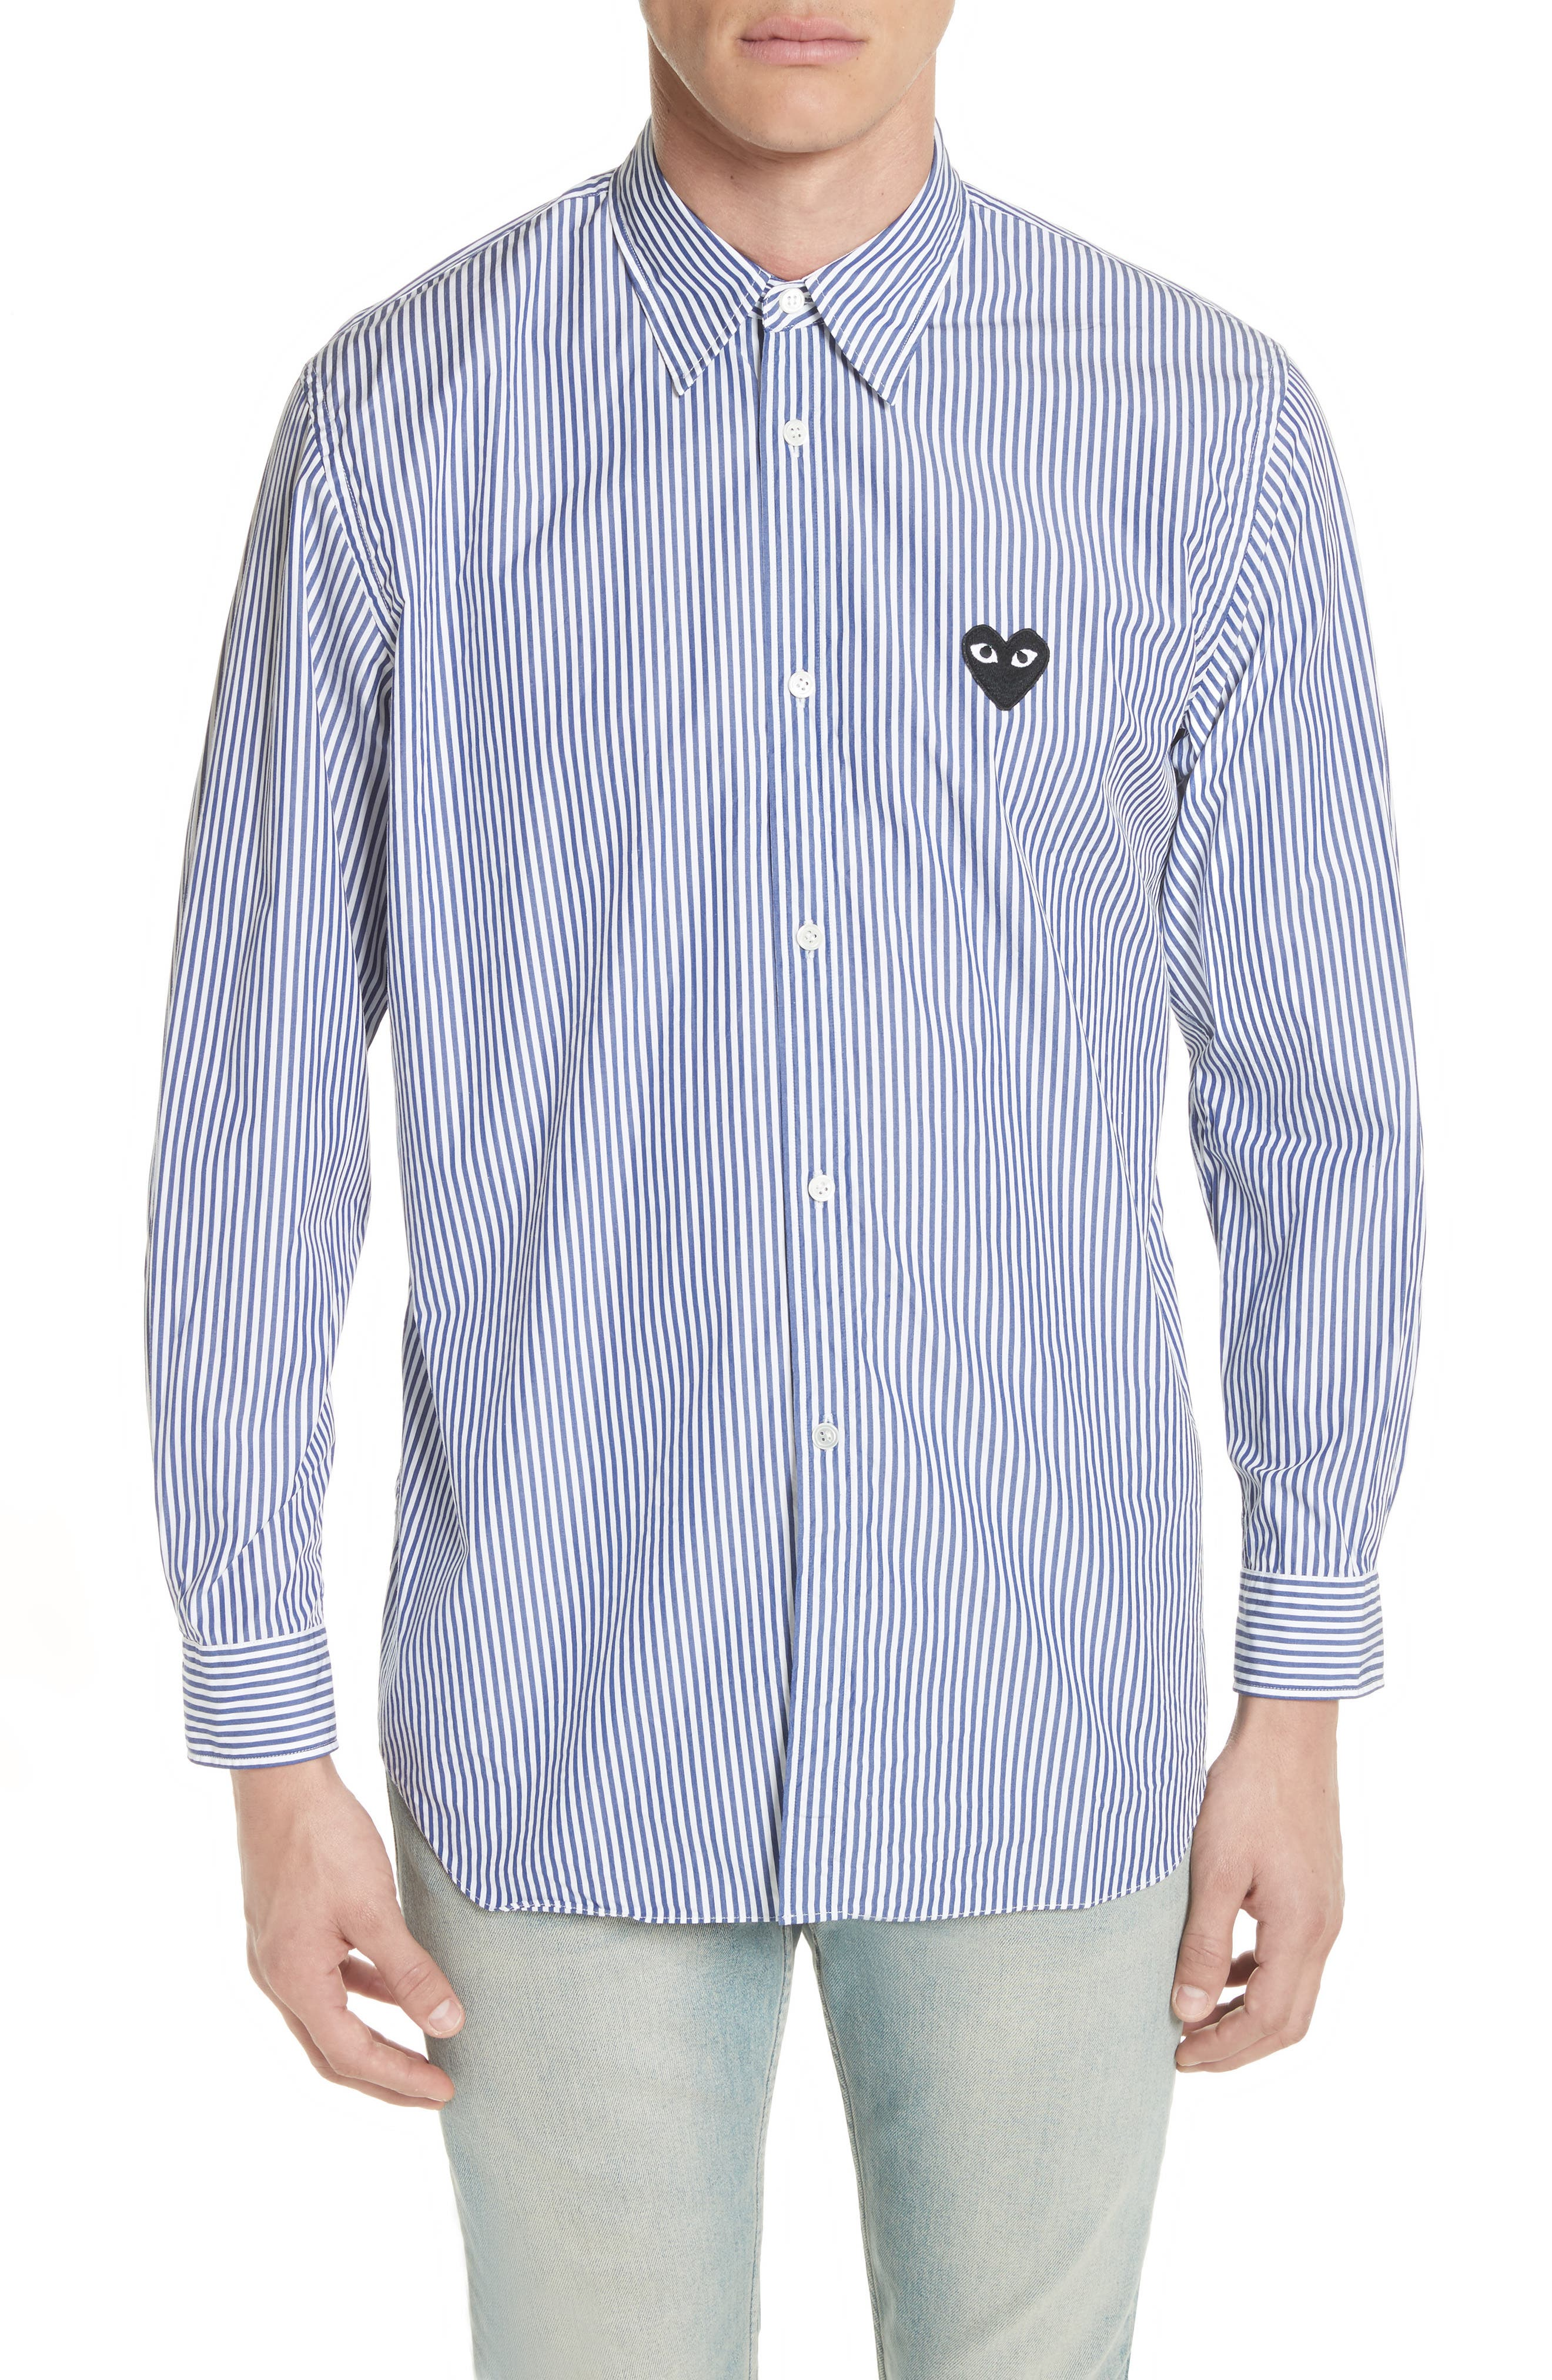 COMME DES GARÇONS PLAY Stripe Woven Shirt, Main, color, BLUE